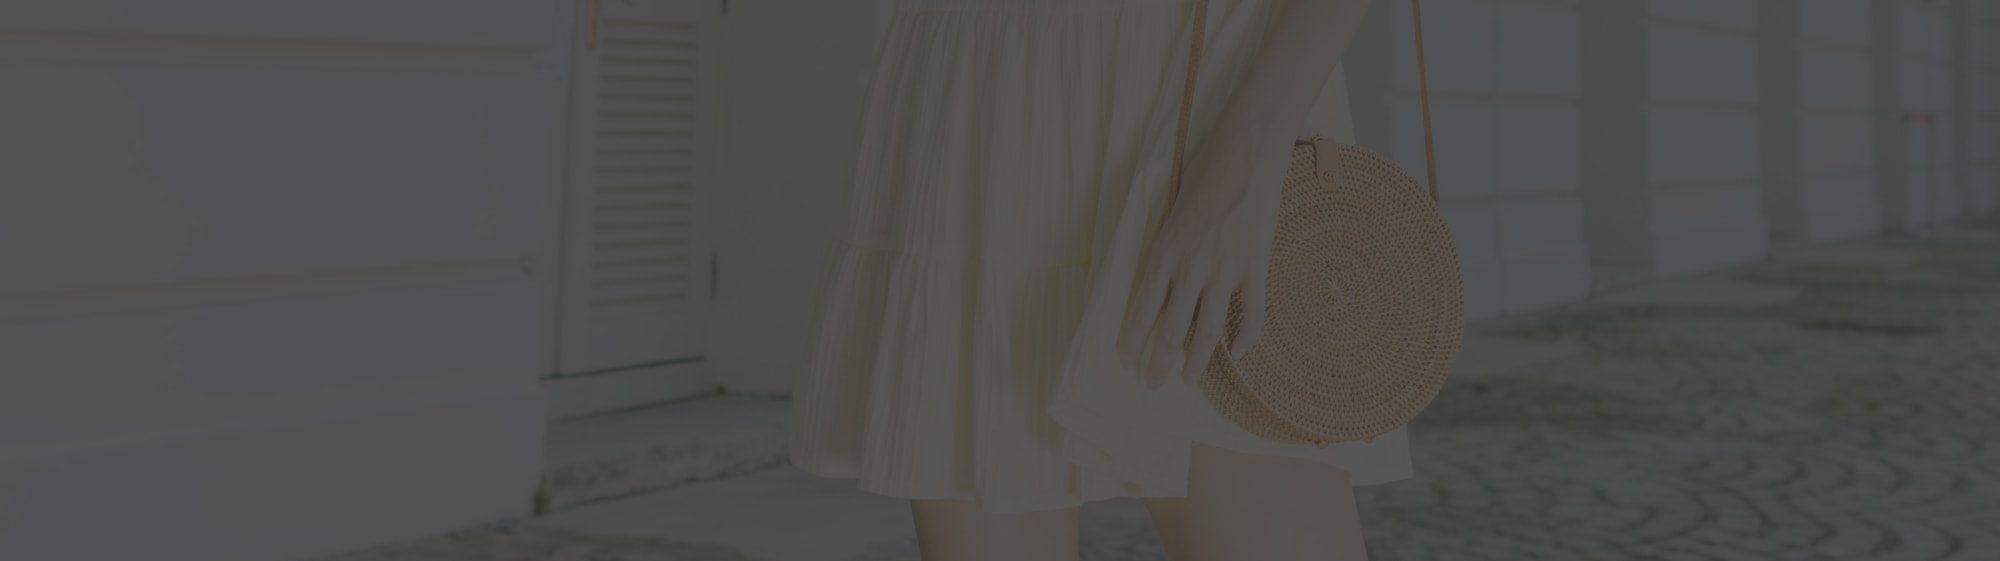 pinkbasis_banner